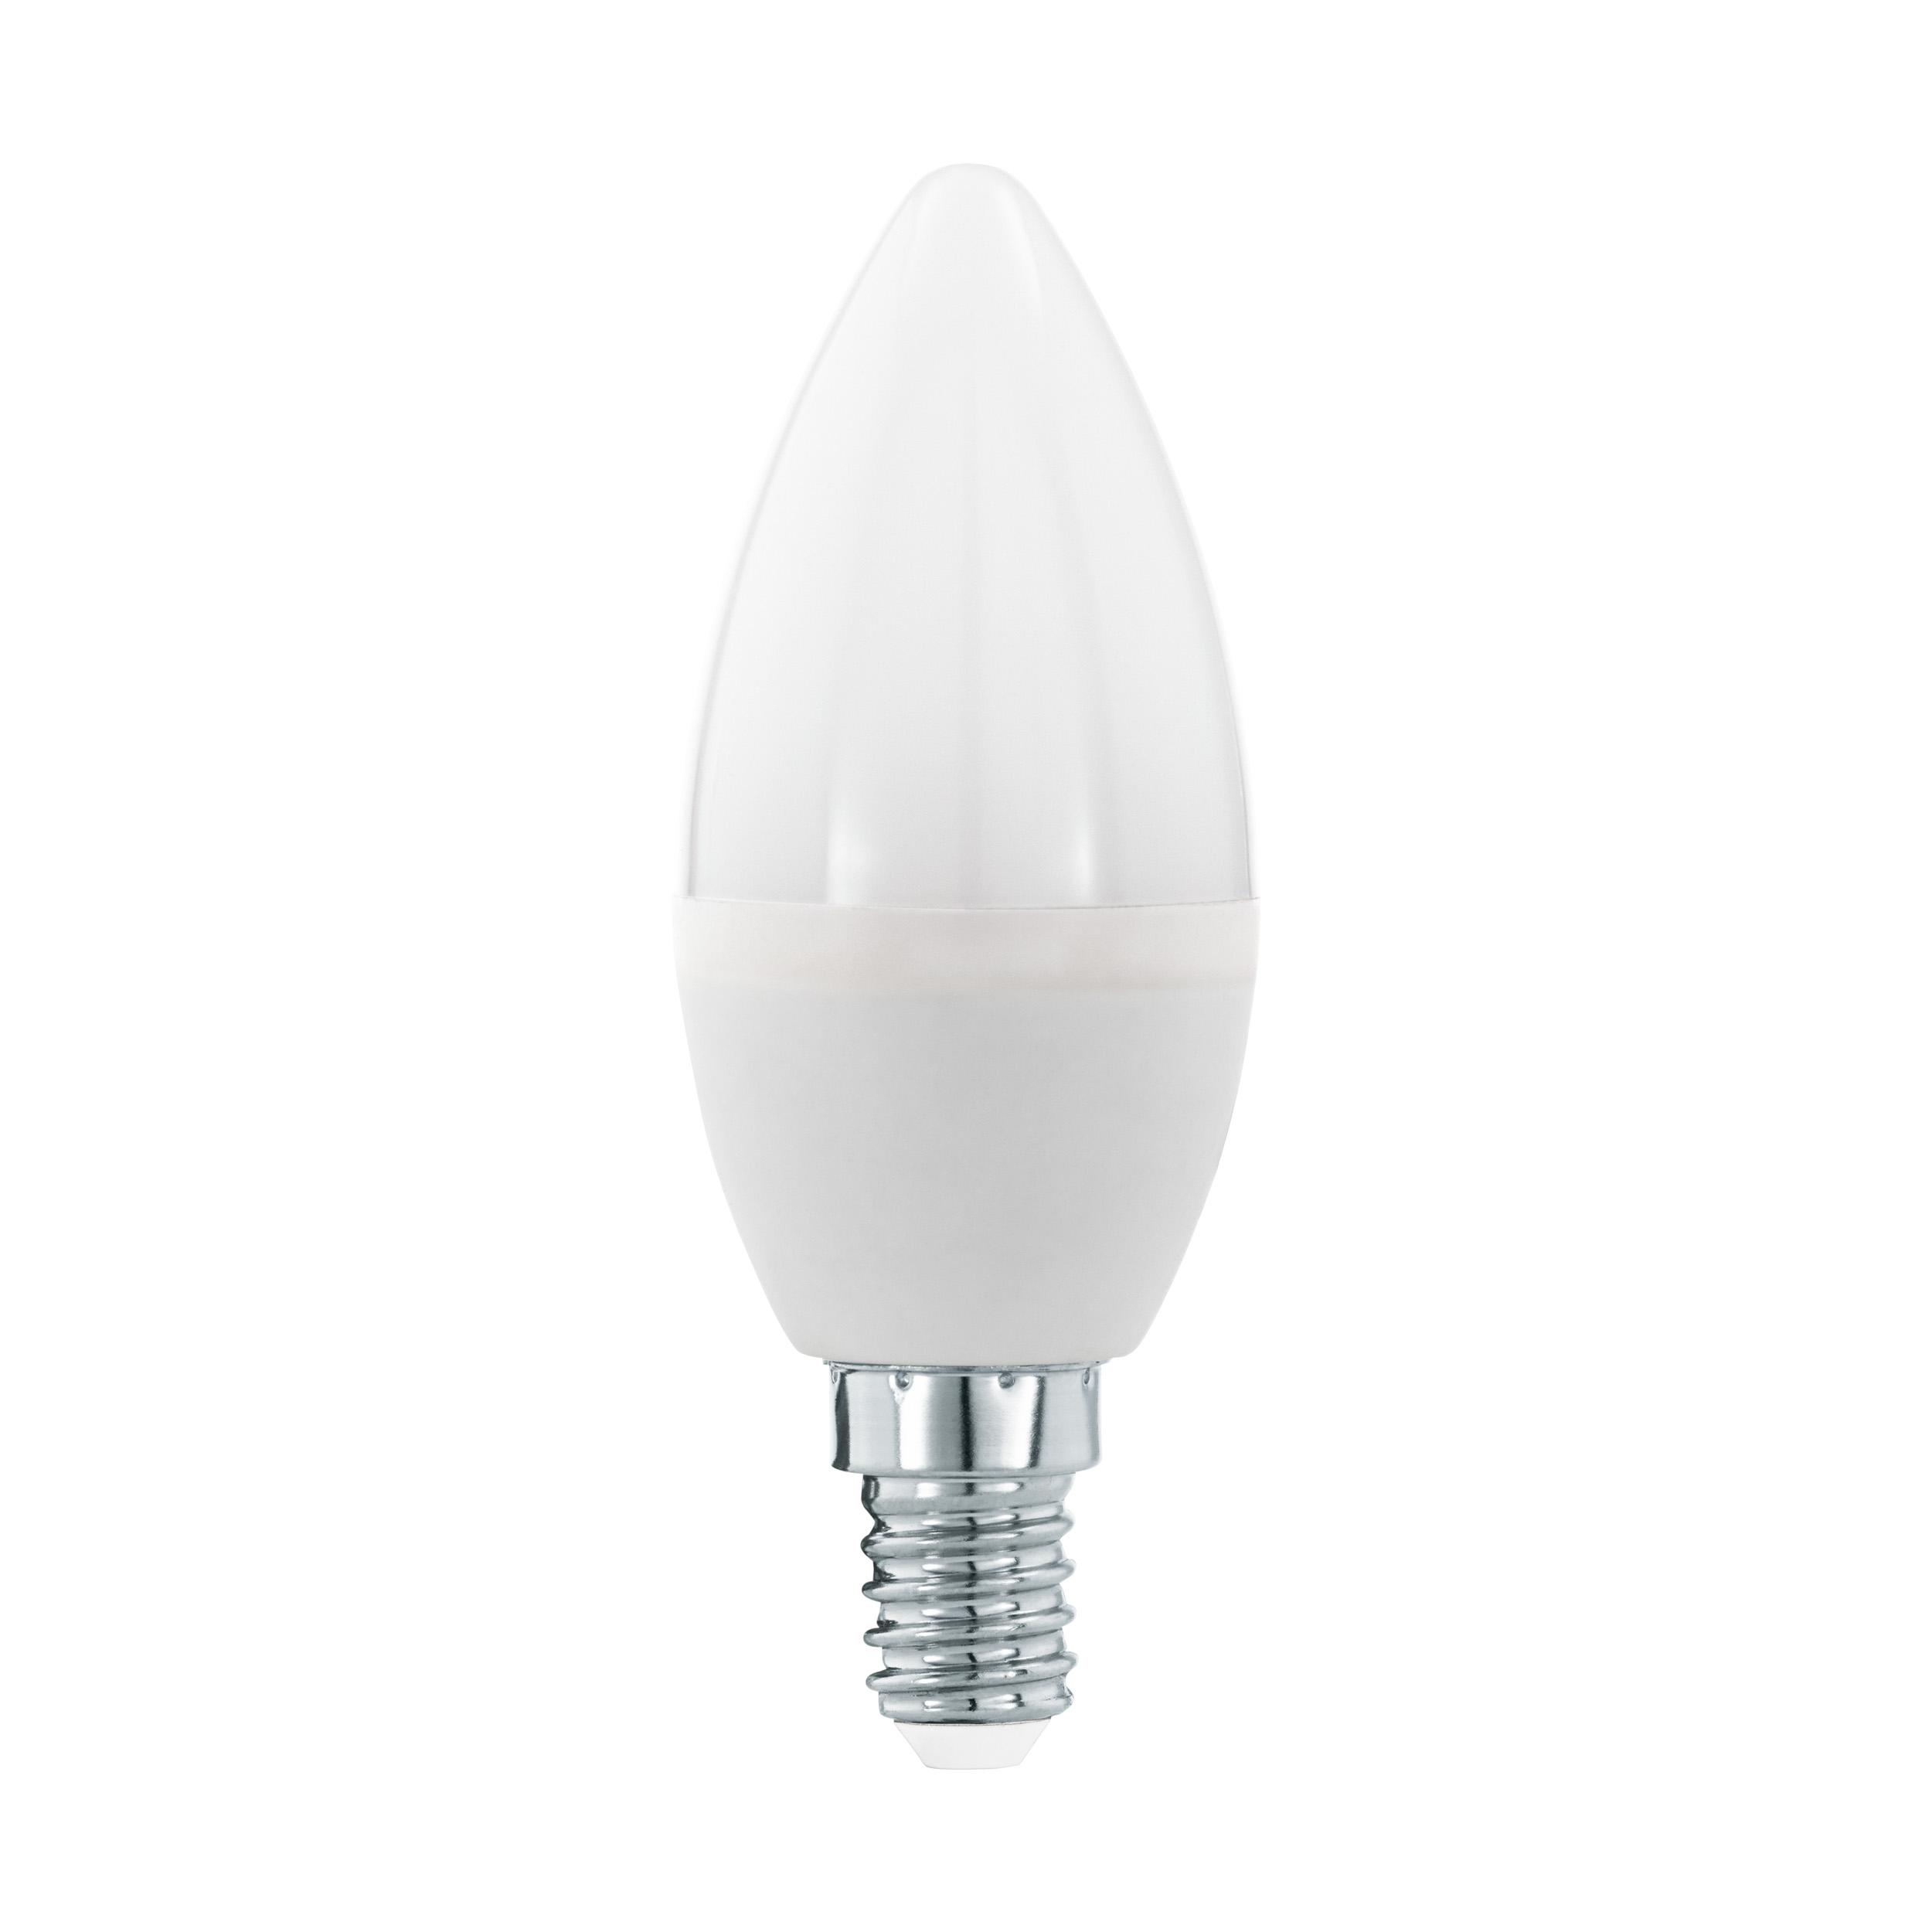 1 Stk E14-LED-C37 5,5W / Kerze 3000  LI69184---